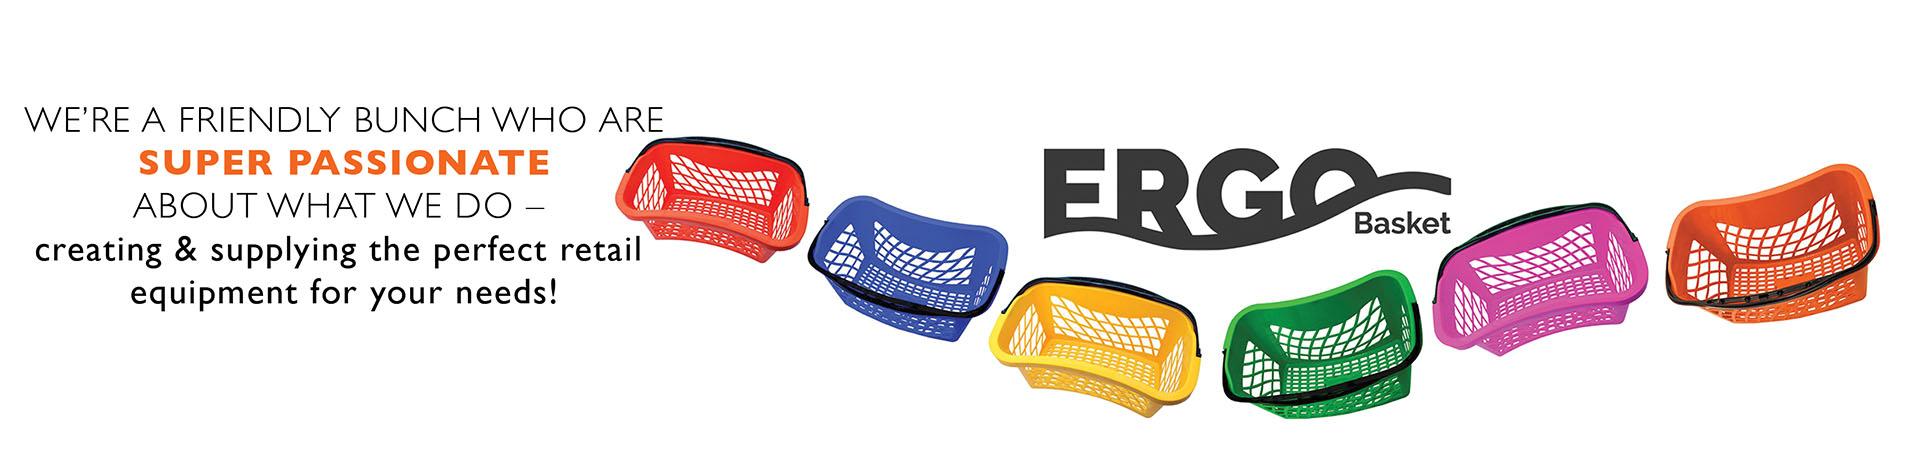 Joalpe Banner Ergo Basket